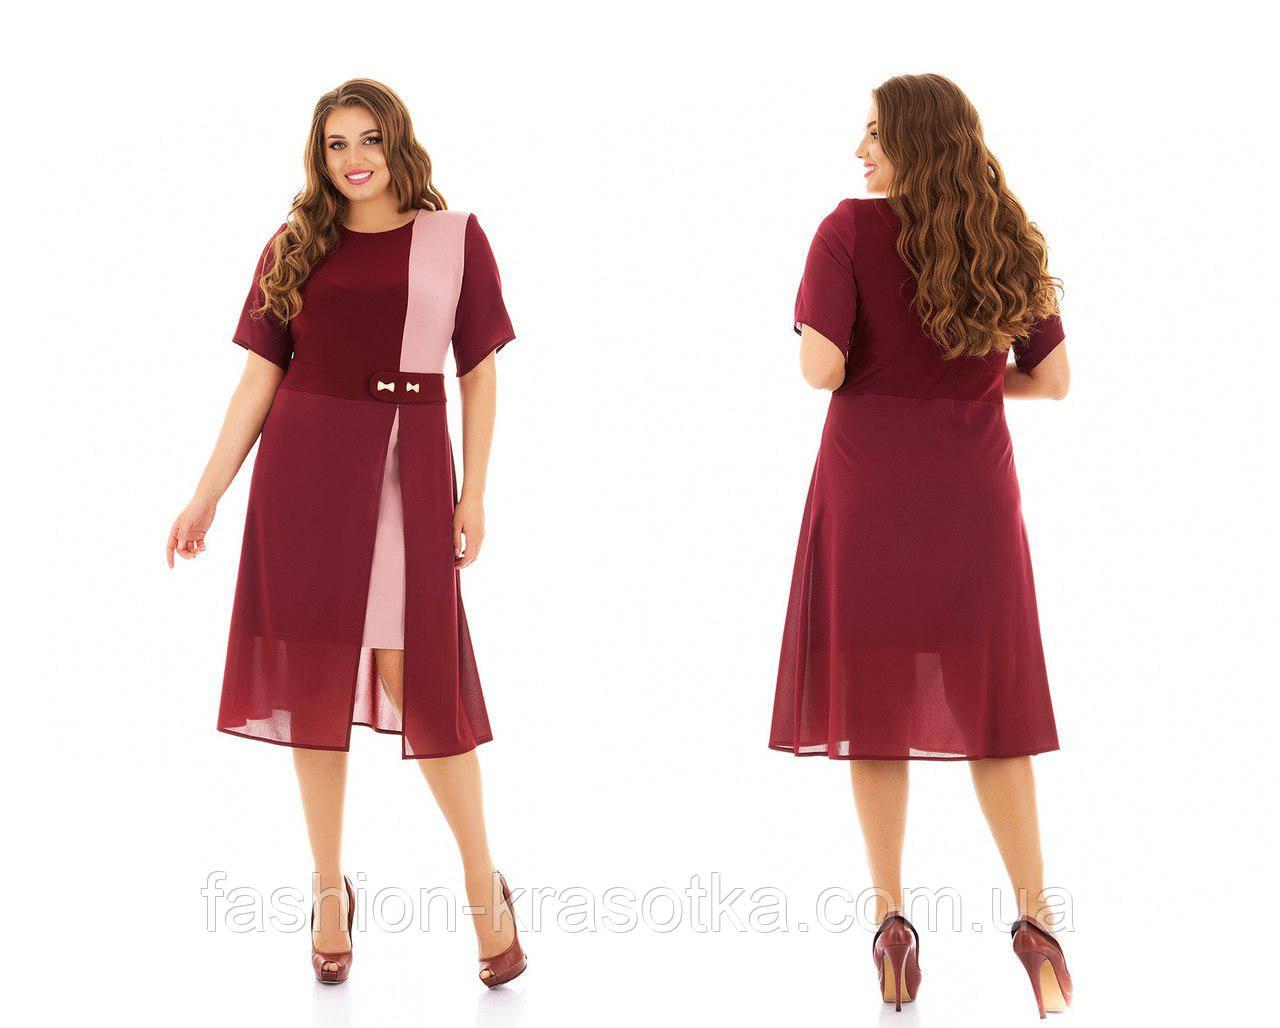 Платье масло трикотаж и креп шифон больших размеров